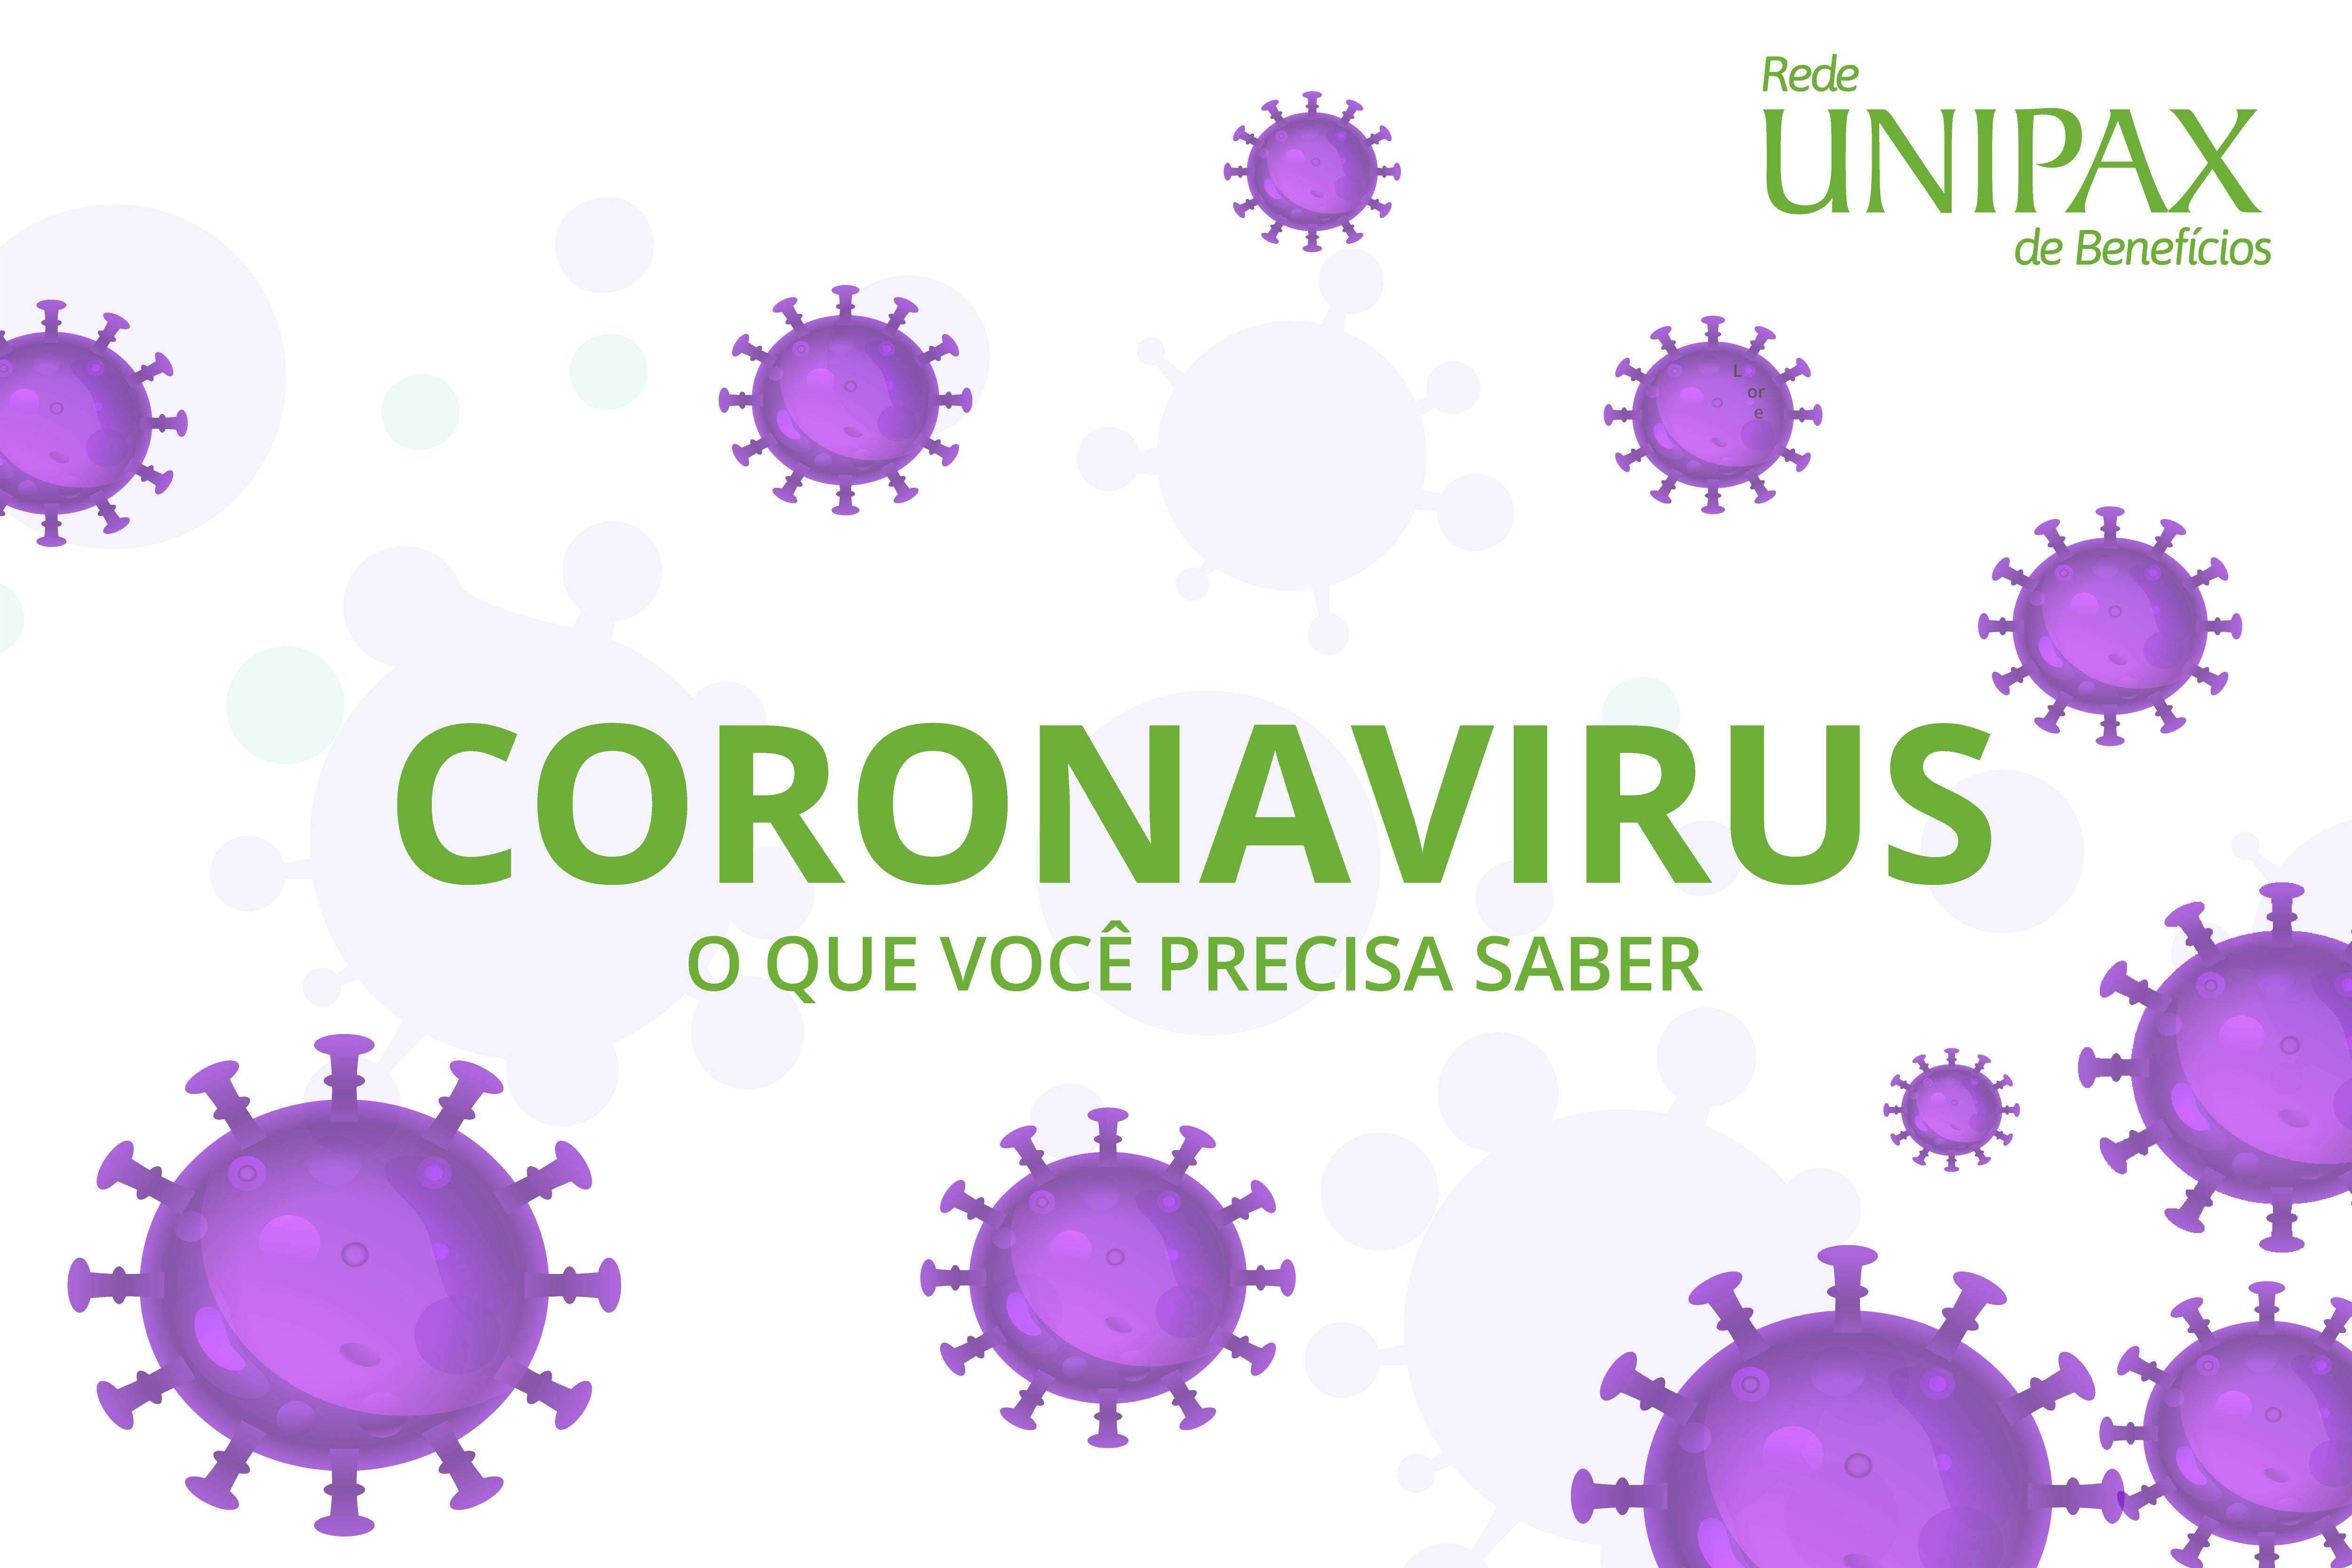 Coronavírus: tudo o que você precisa saber